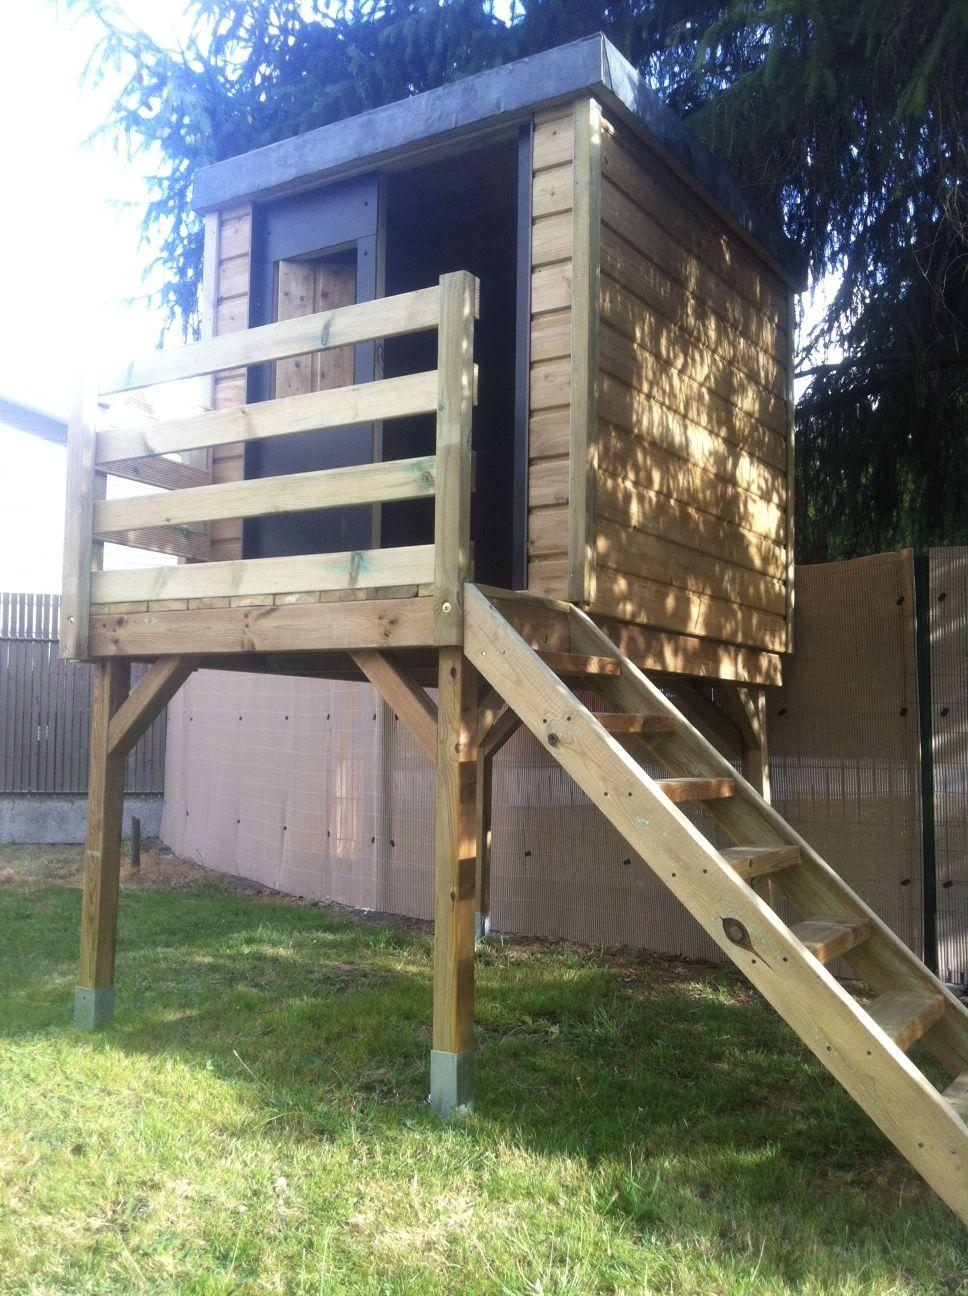 Ikid Maisonnette D Enfants Cabane De Jardin Toit Plat Ikid ~ Cloture De  Jardin Design Plan Cabane De Jardin Enfant